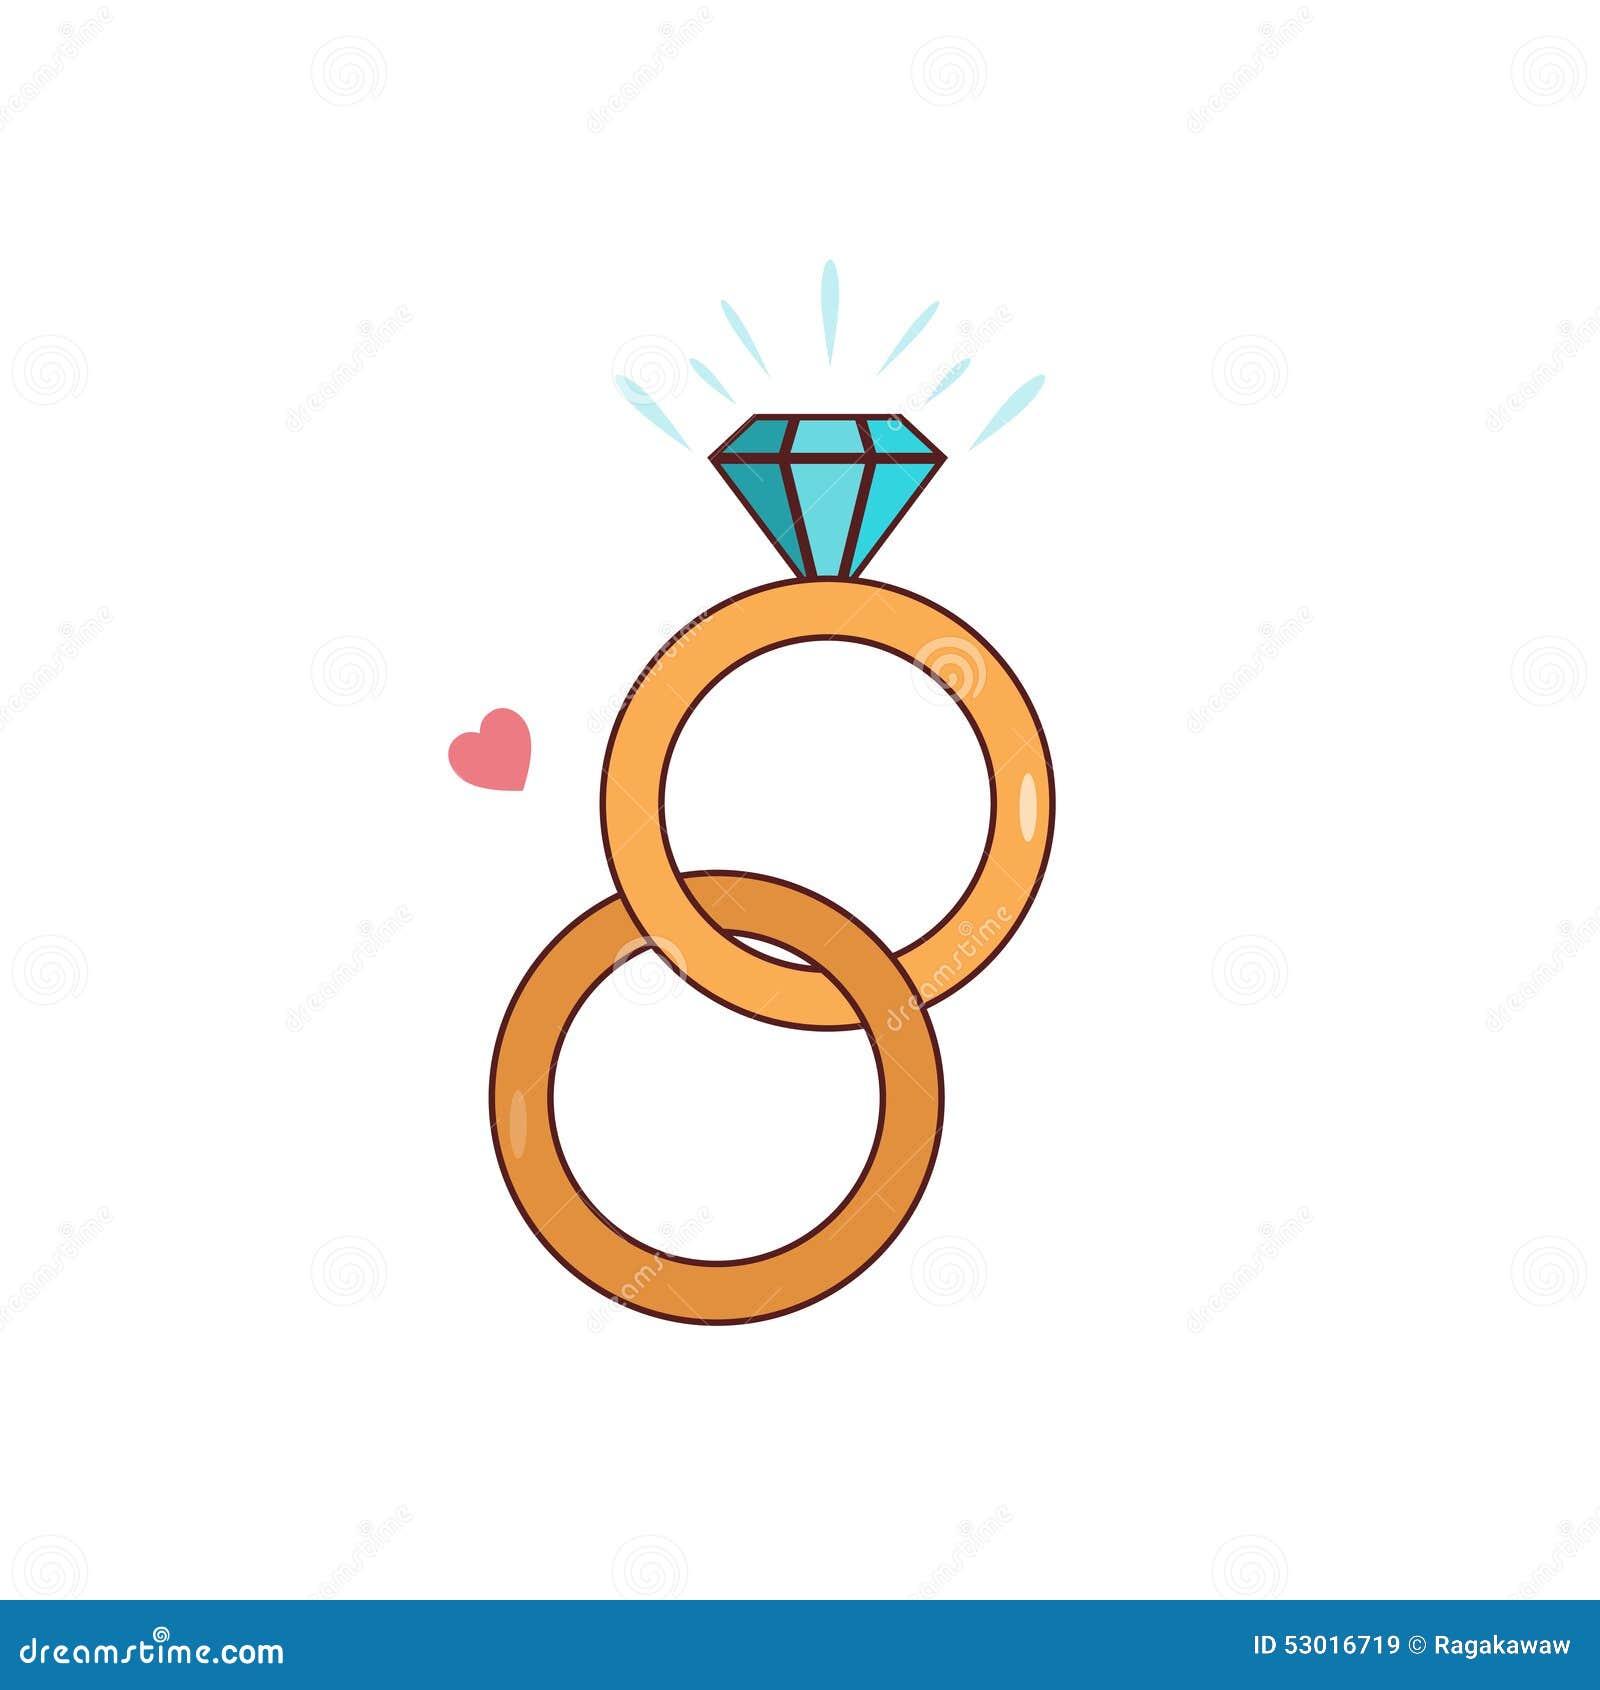 Aliana de casamento isolada do diamante dos desenhos animados aliana de casamento isolada do diamante dos desenhos animados altavistaventures Image collections